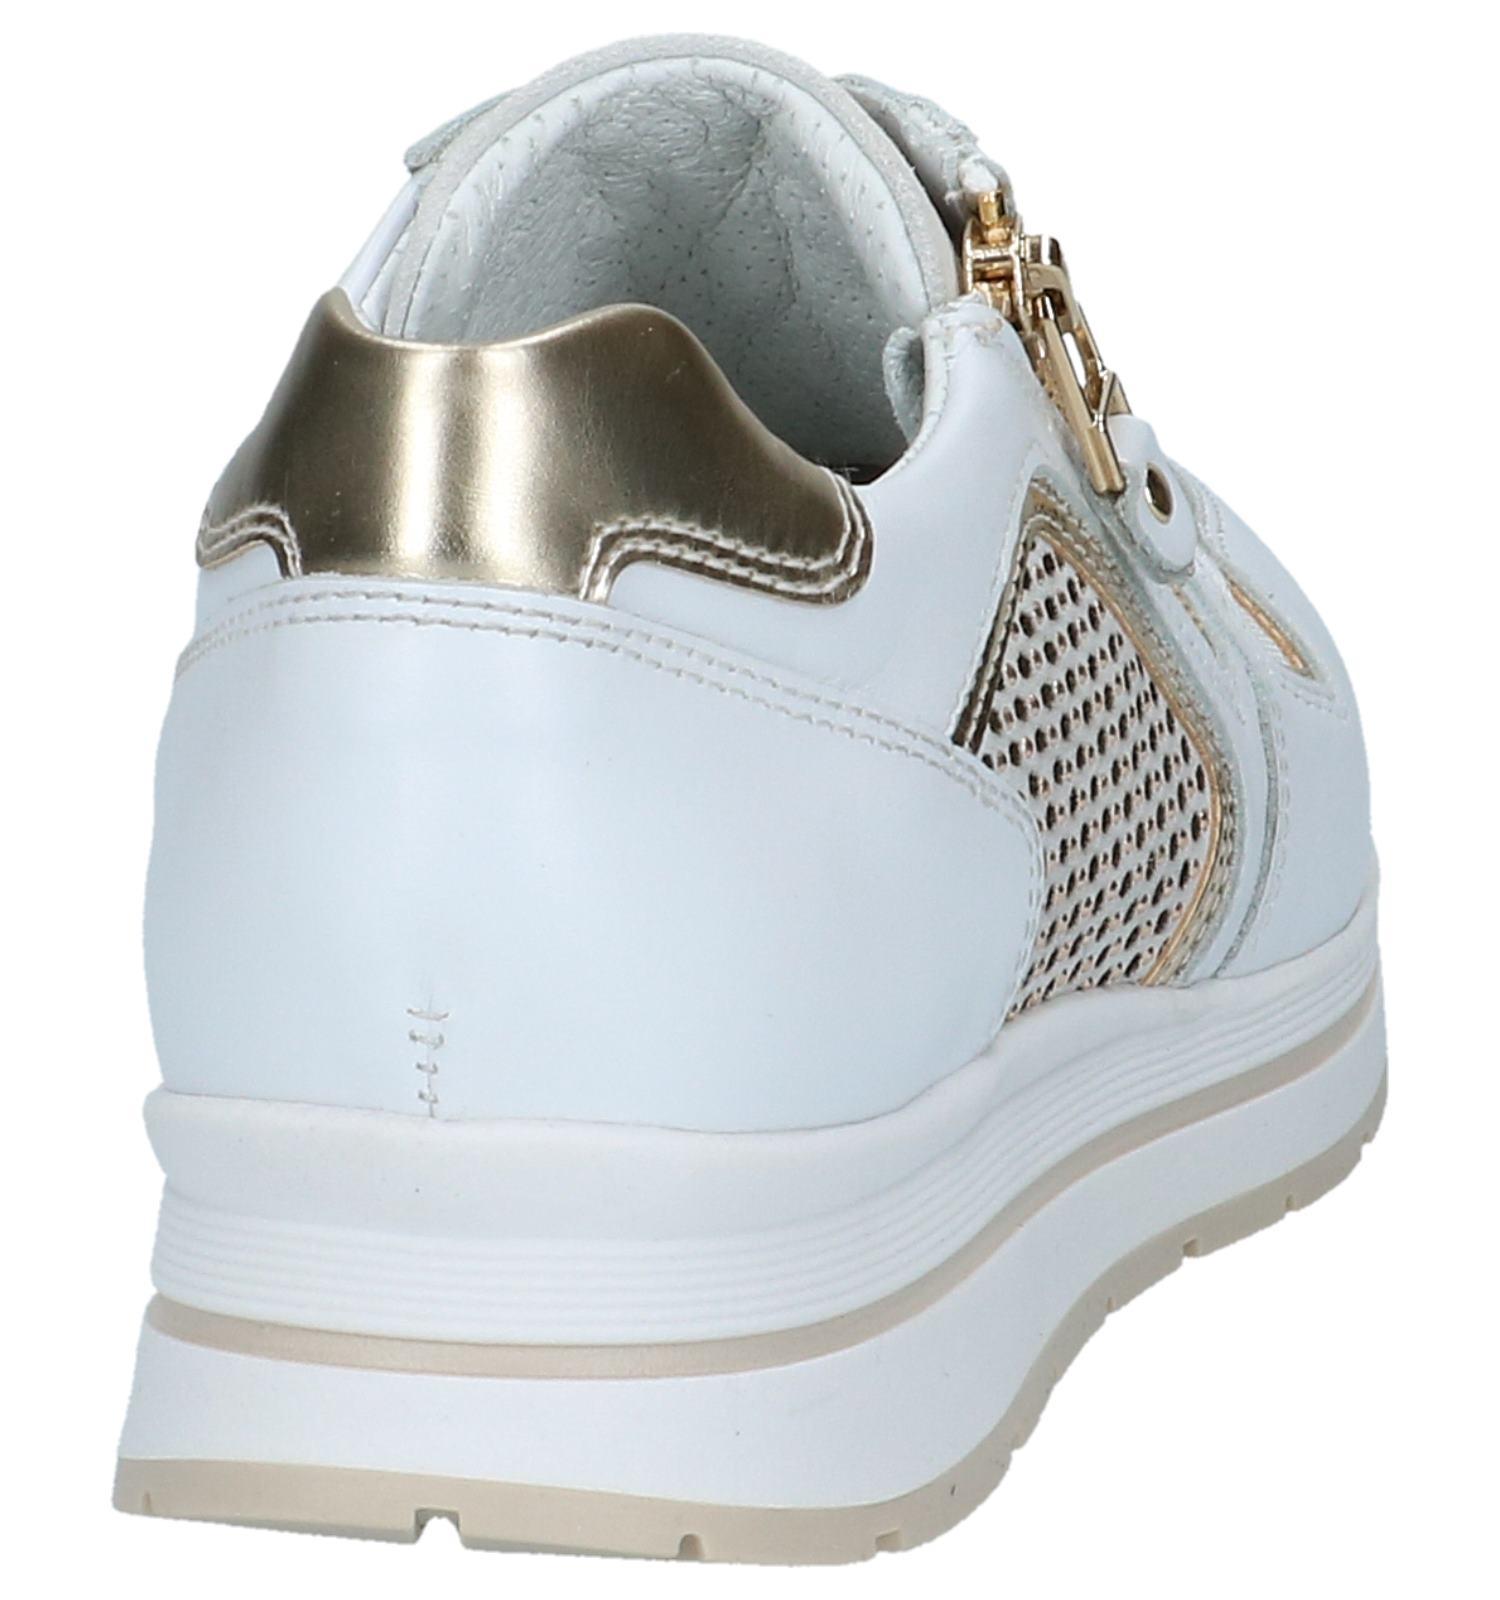 Witte Geklede Sneakers NeroGiardini | SCHOENENTORFS.NL